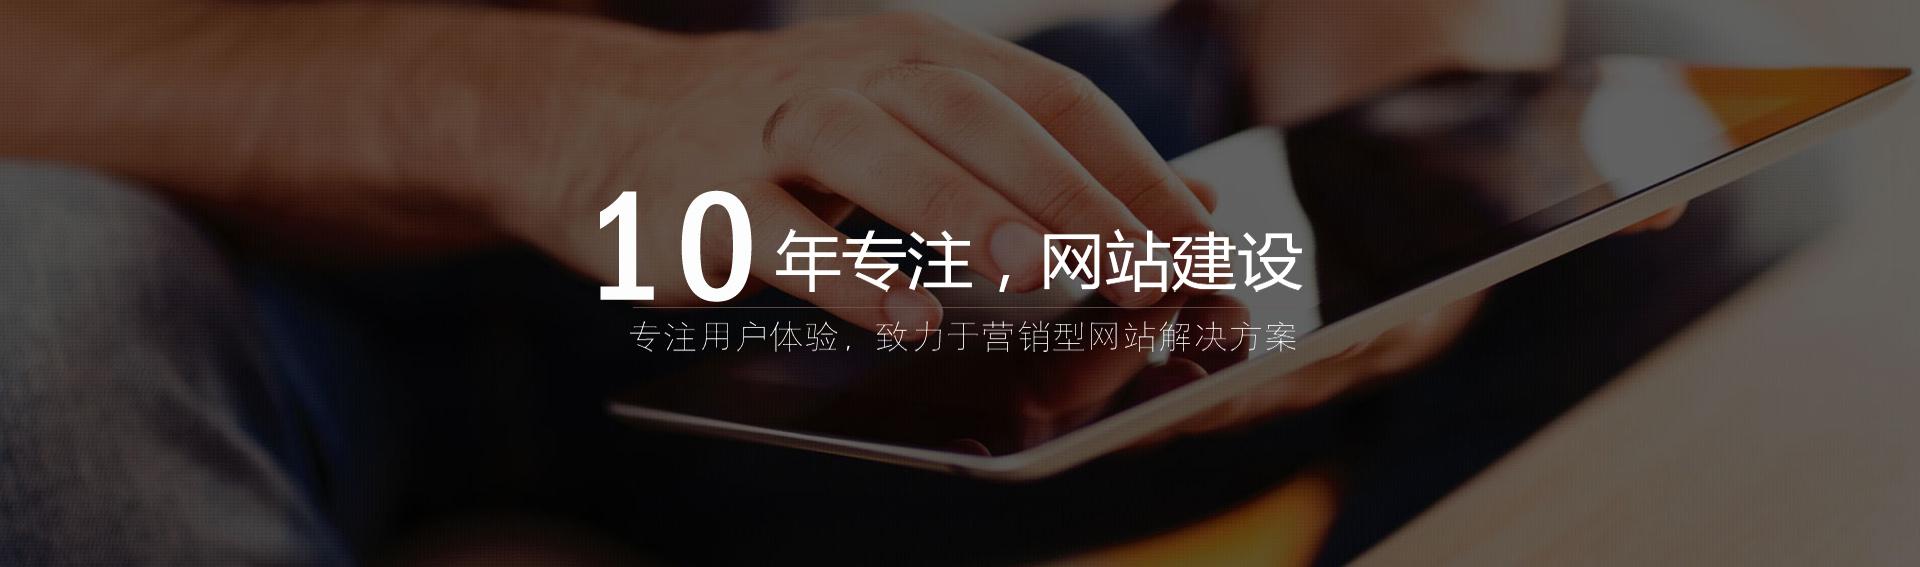 锦州网站推广